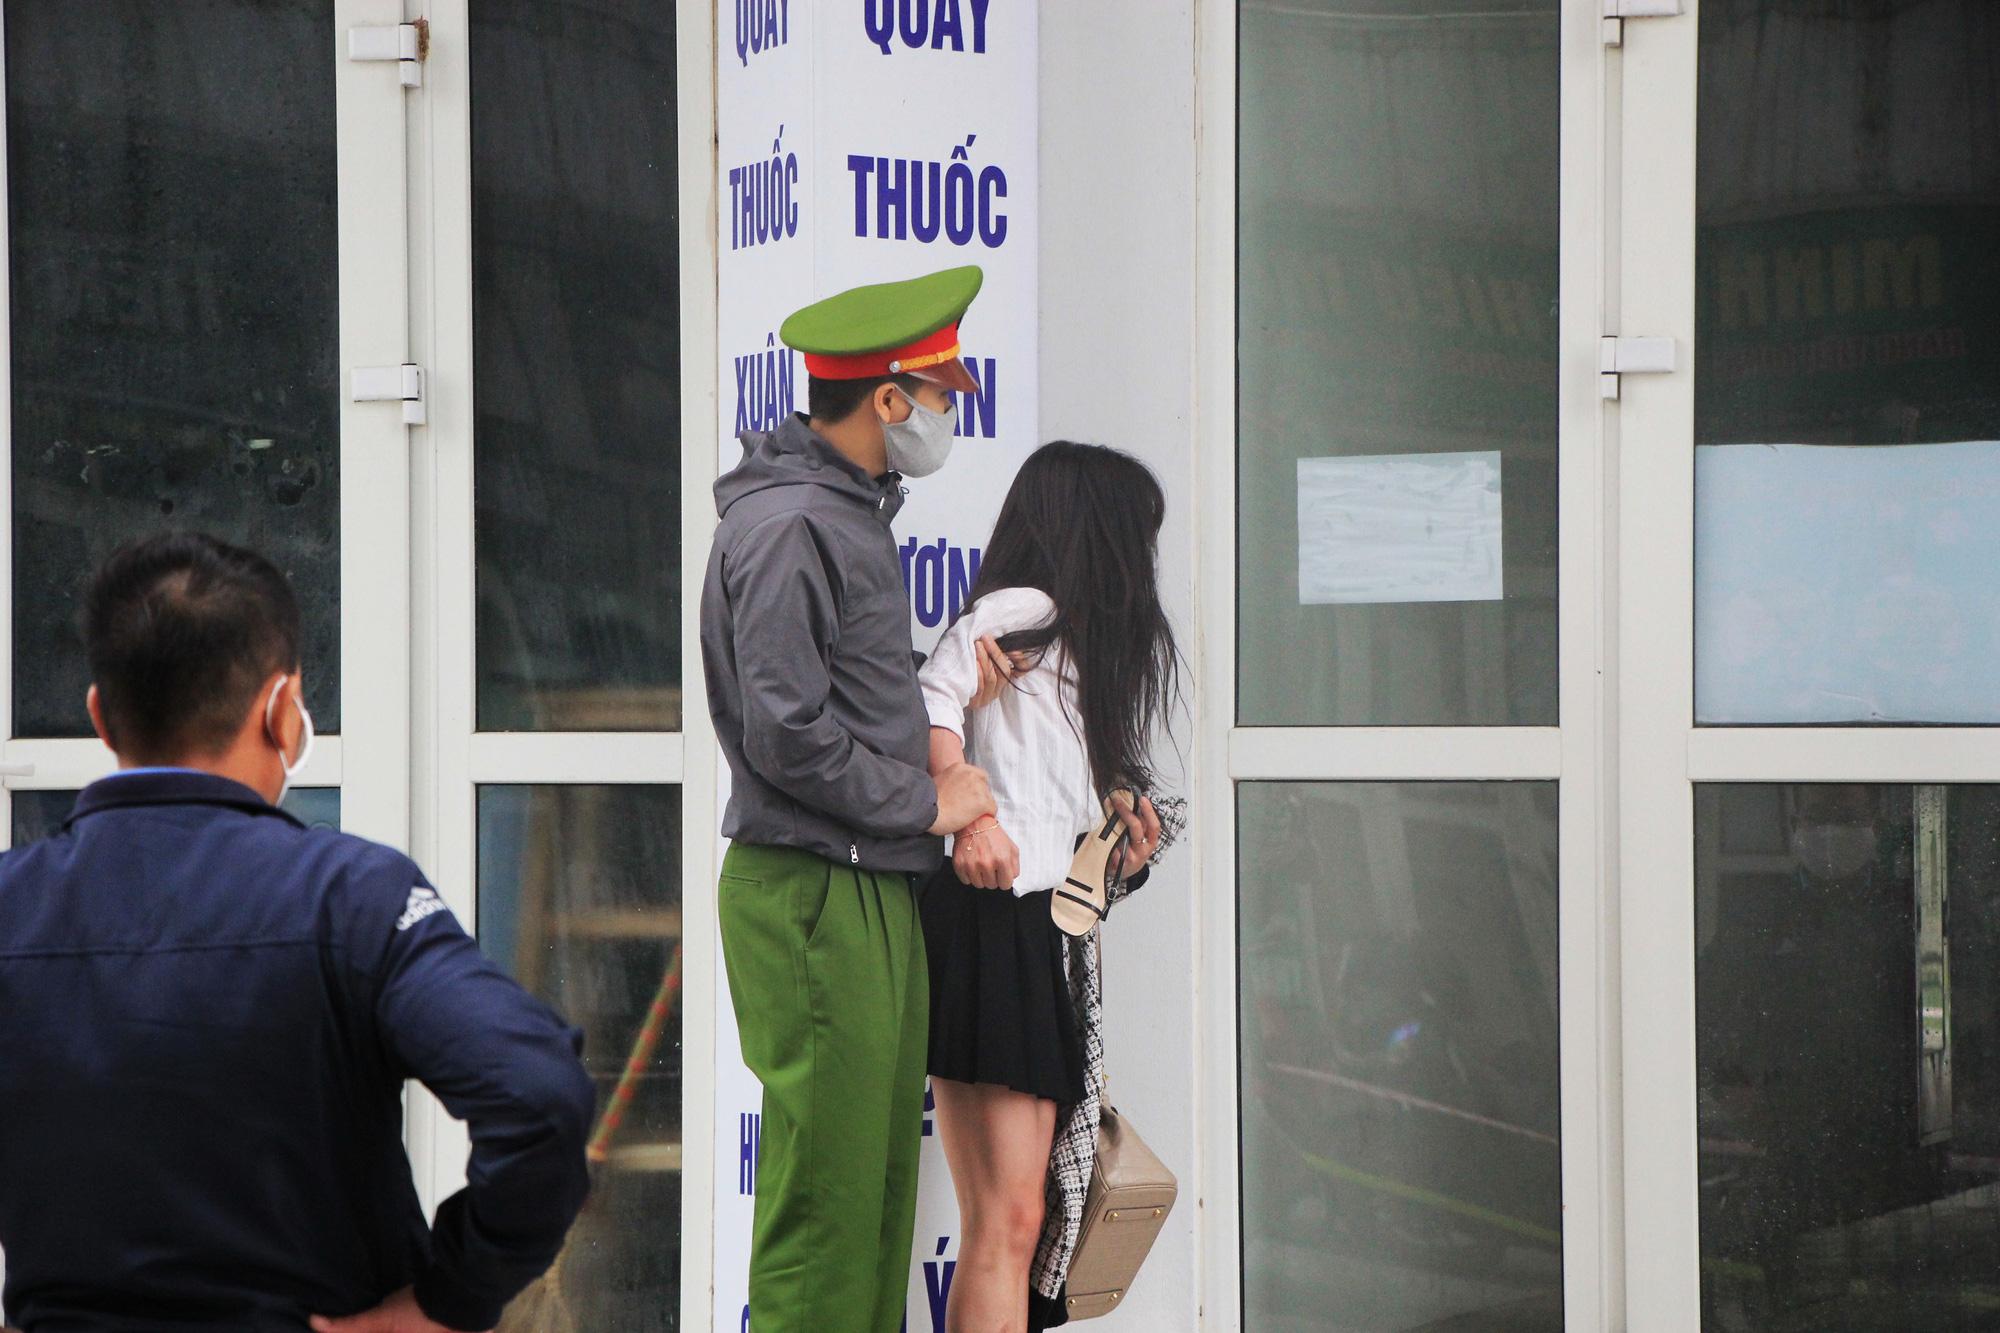 Hà Nội tạm cách li khu chung cư có người dương tính với SARS-CoV-2 - Ảnh 2.